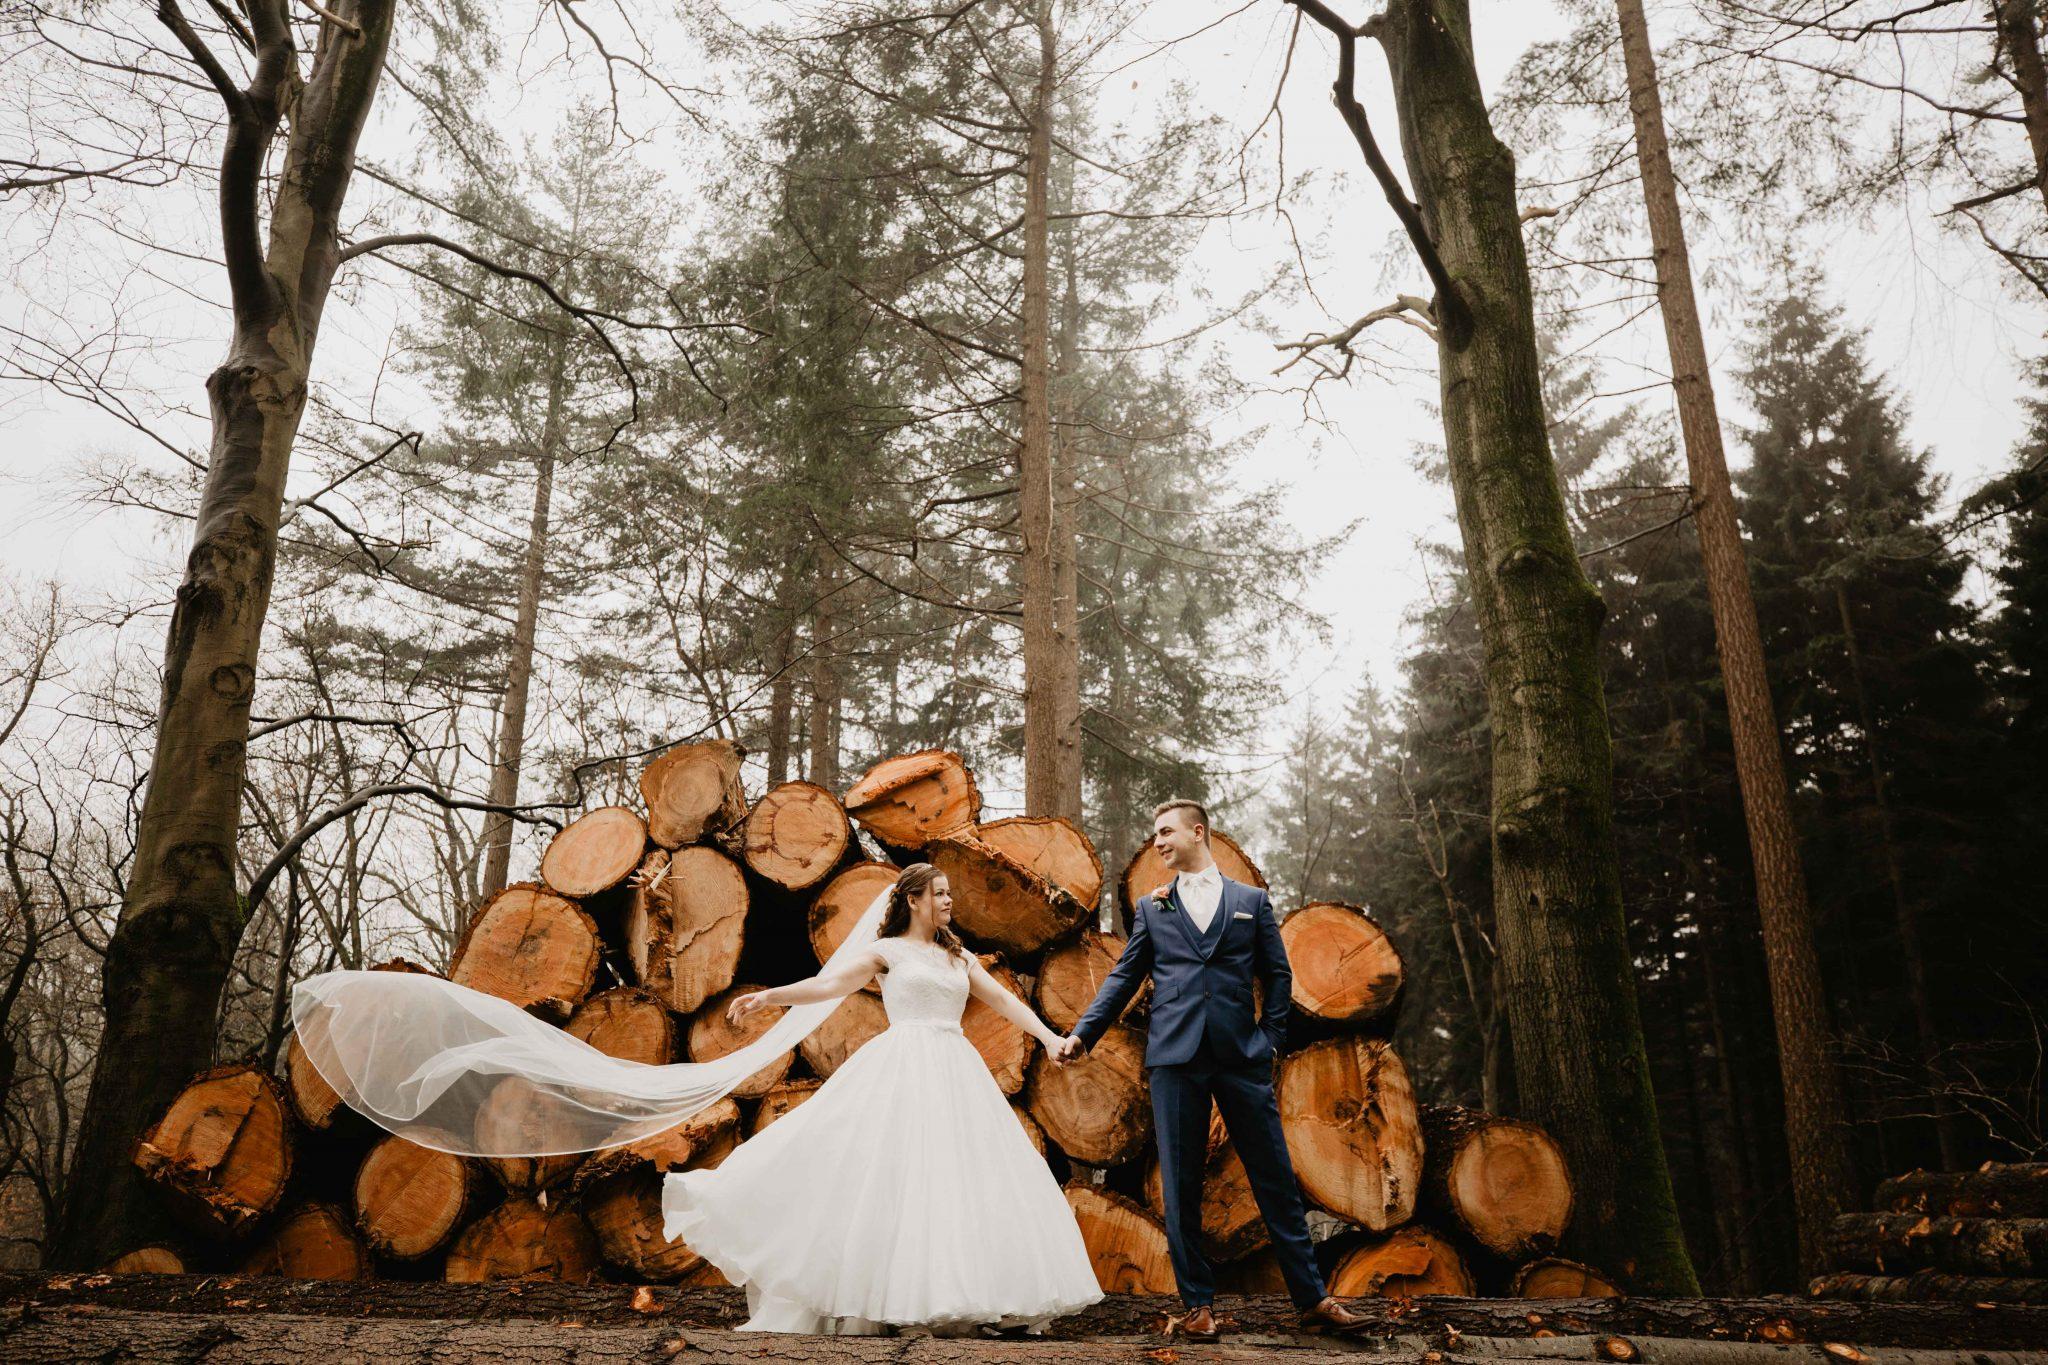 Bruiloft Fotoreportage in het bos met bruidspaar | Bruidsfotografie